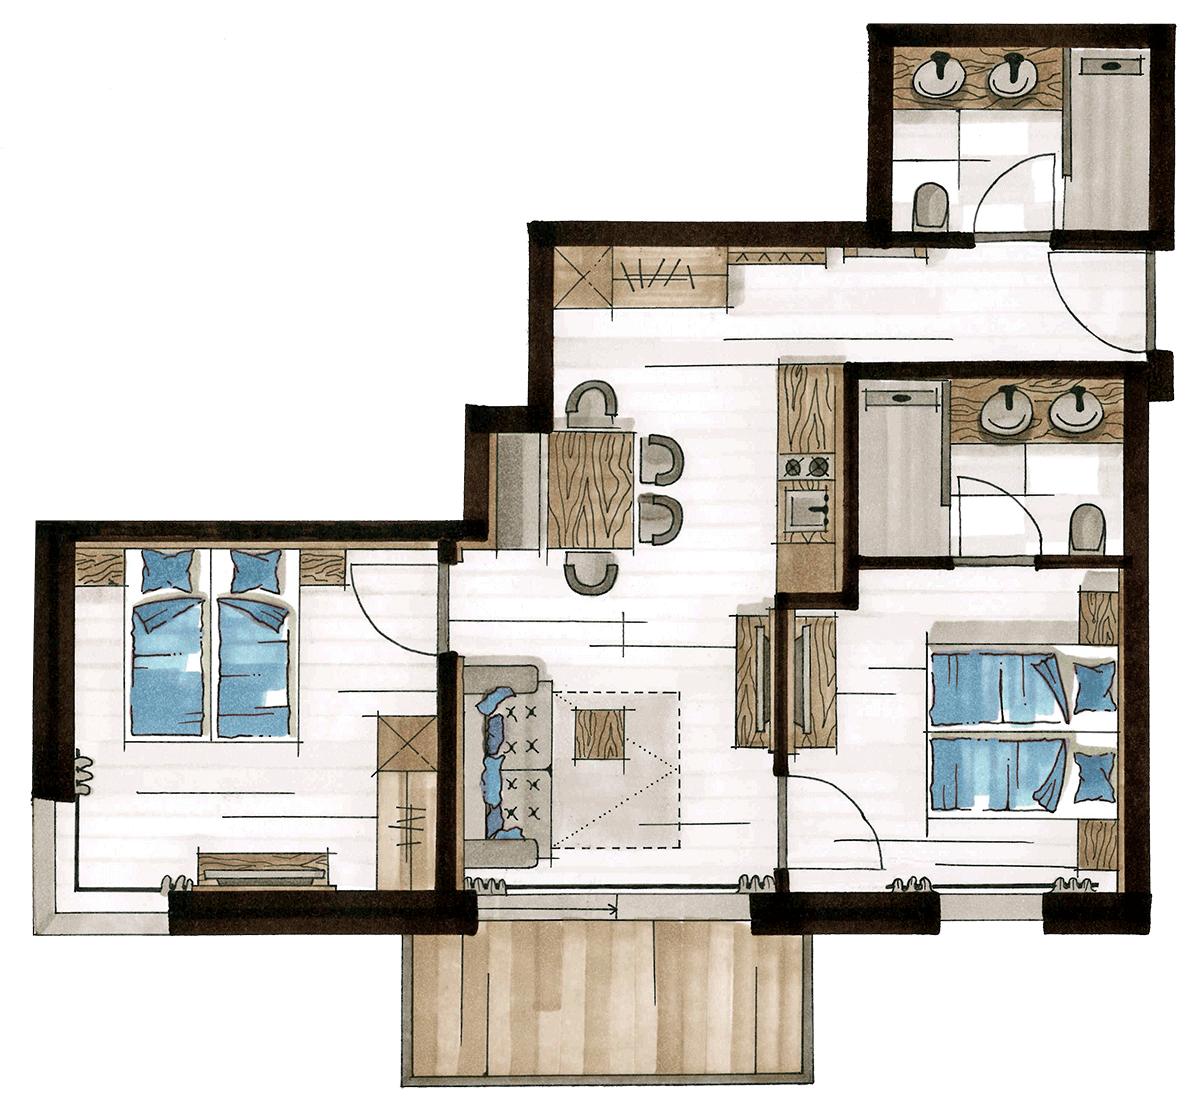 Grundriss Alpine Apart, für 4-6 Personen